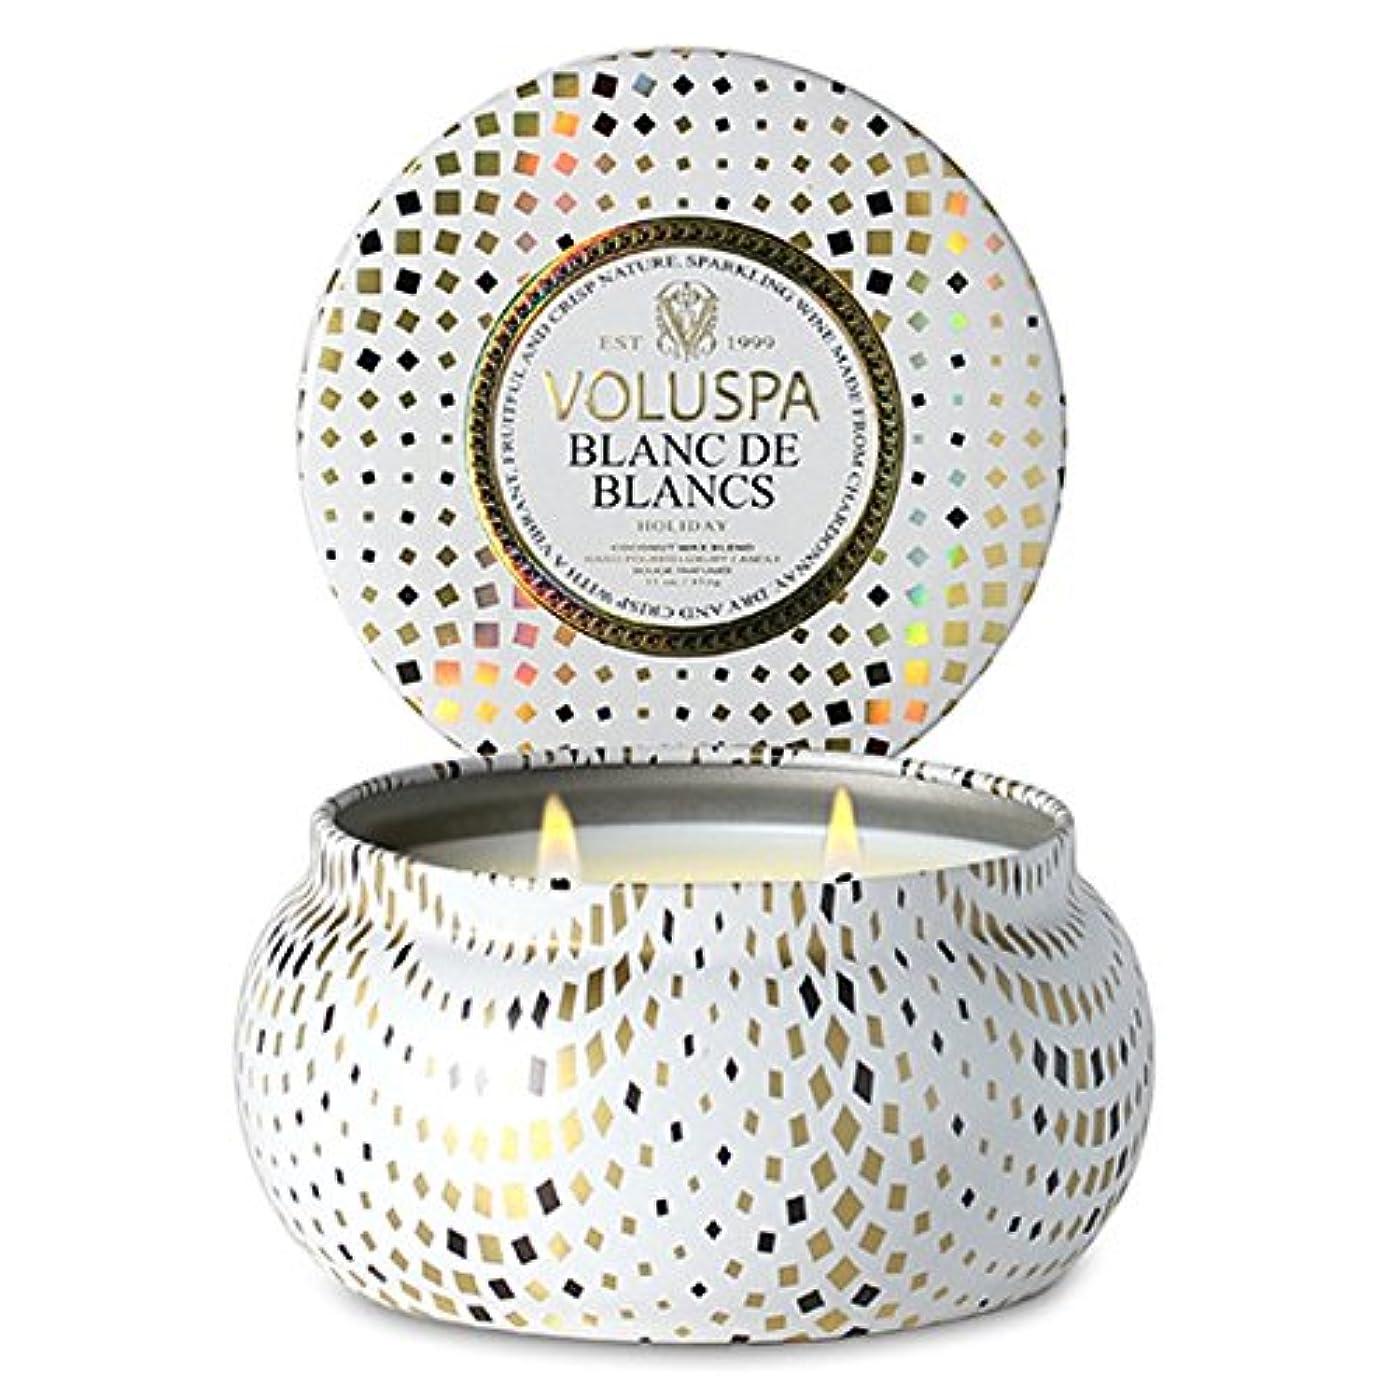 被る振幅スタジオVoluspa ボルスパ メゾンホリデー 2-Wick ティンキャンドル ブラン ド ブラン BLANC DE BLANCS MASION HOLIDAY 2-ウィック Tin Glass Candle